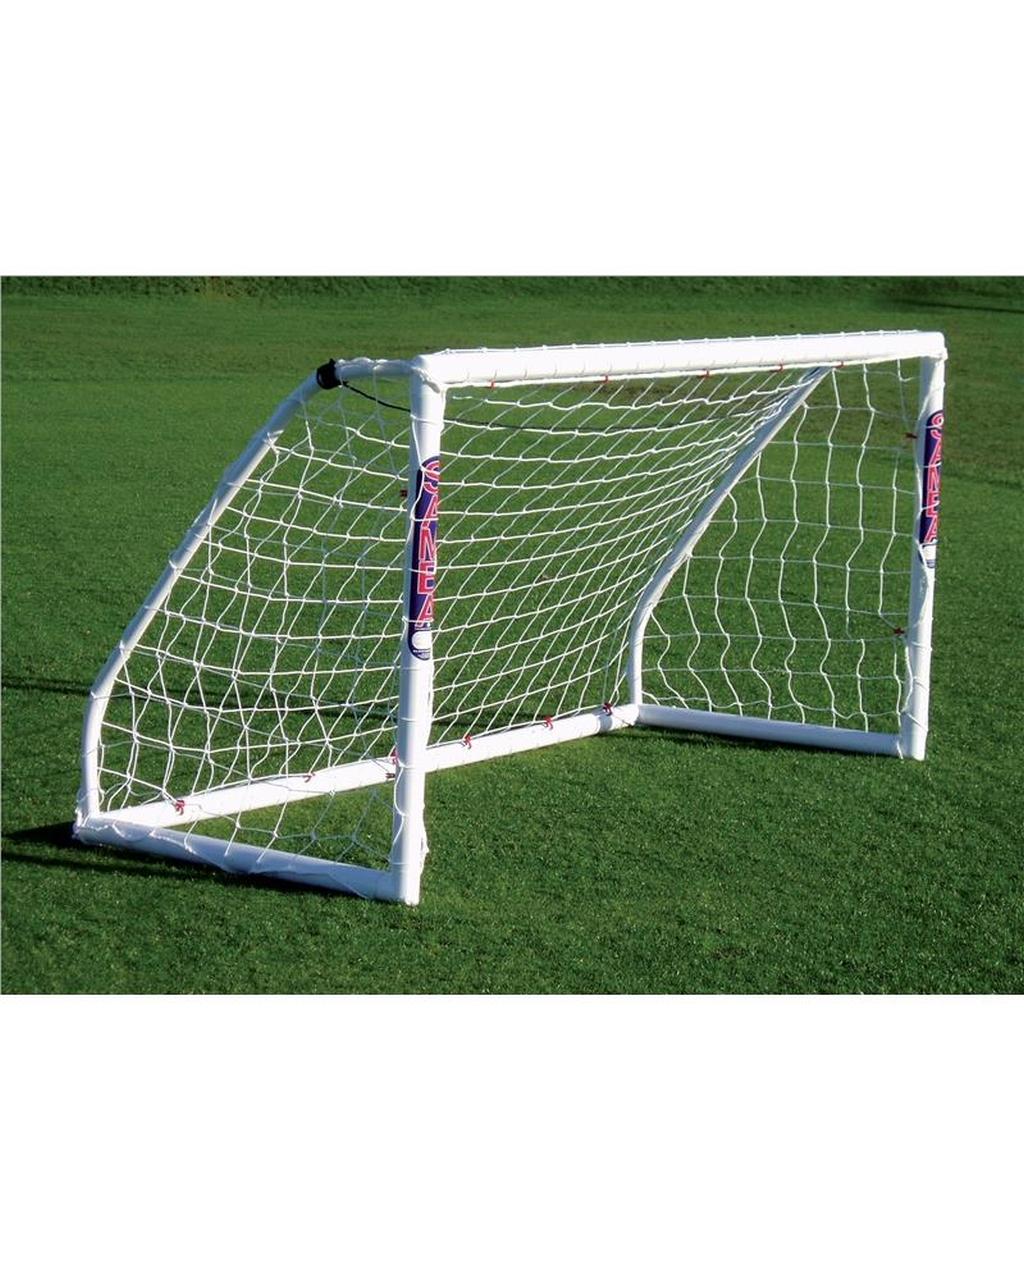 Samba 8ft x 4ft Match Goal upvc corners